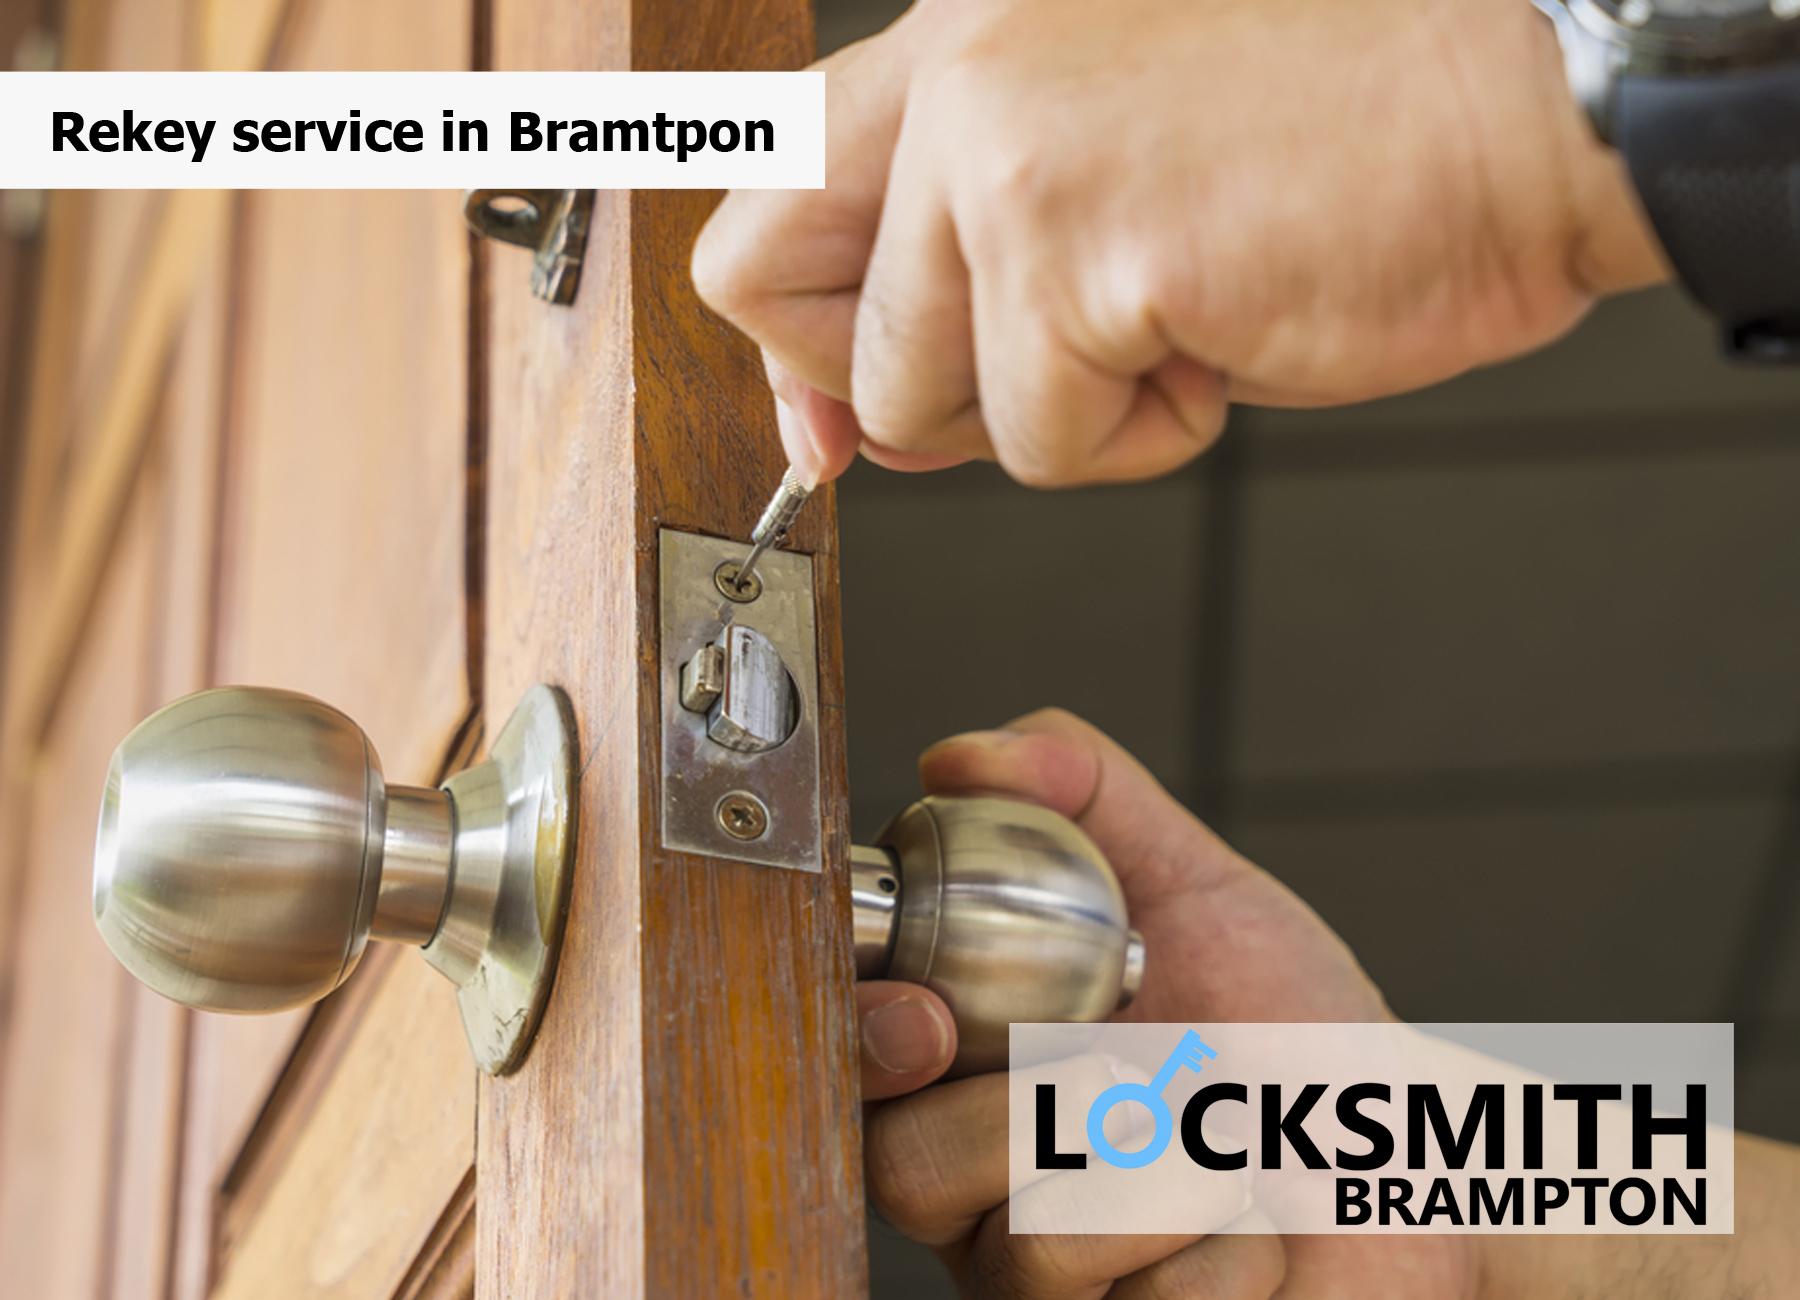 Rekey service in Bramtpon